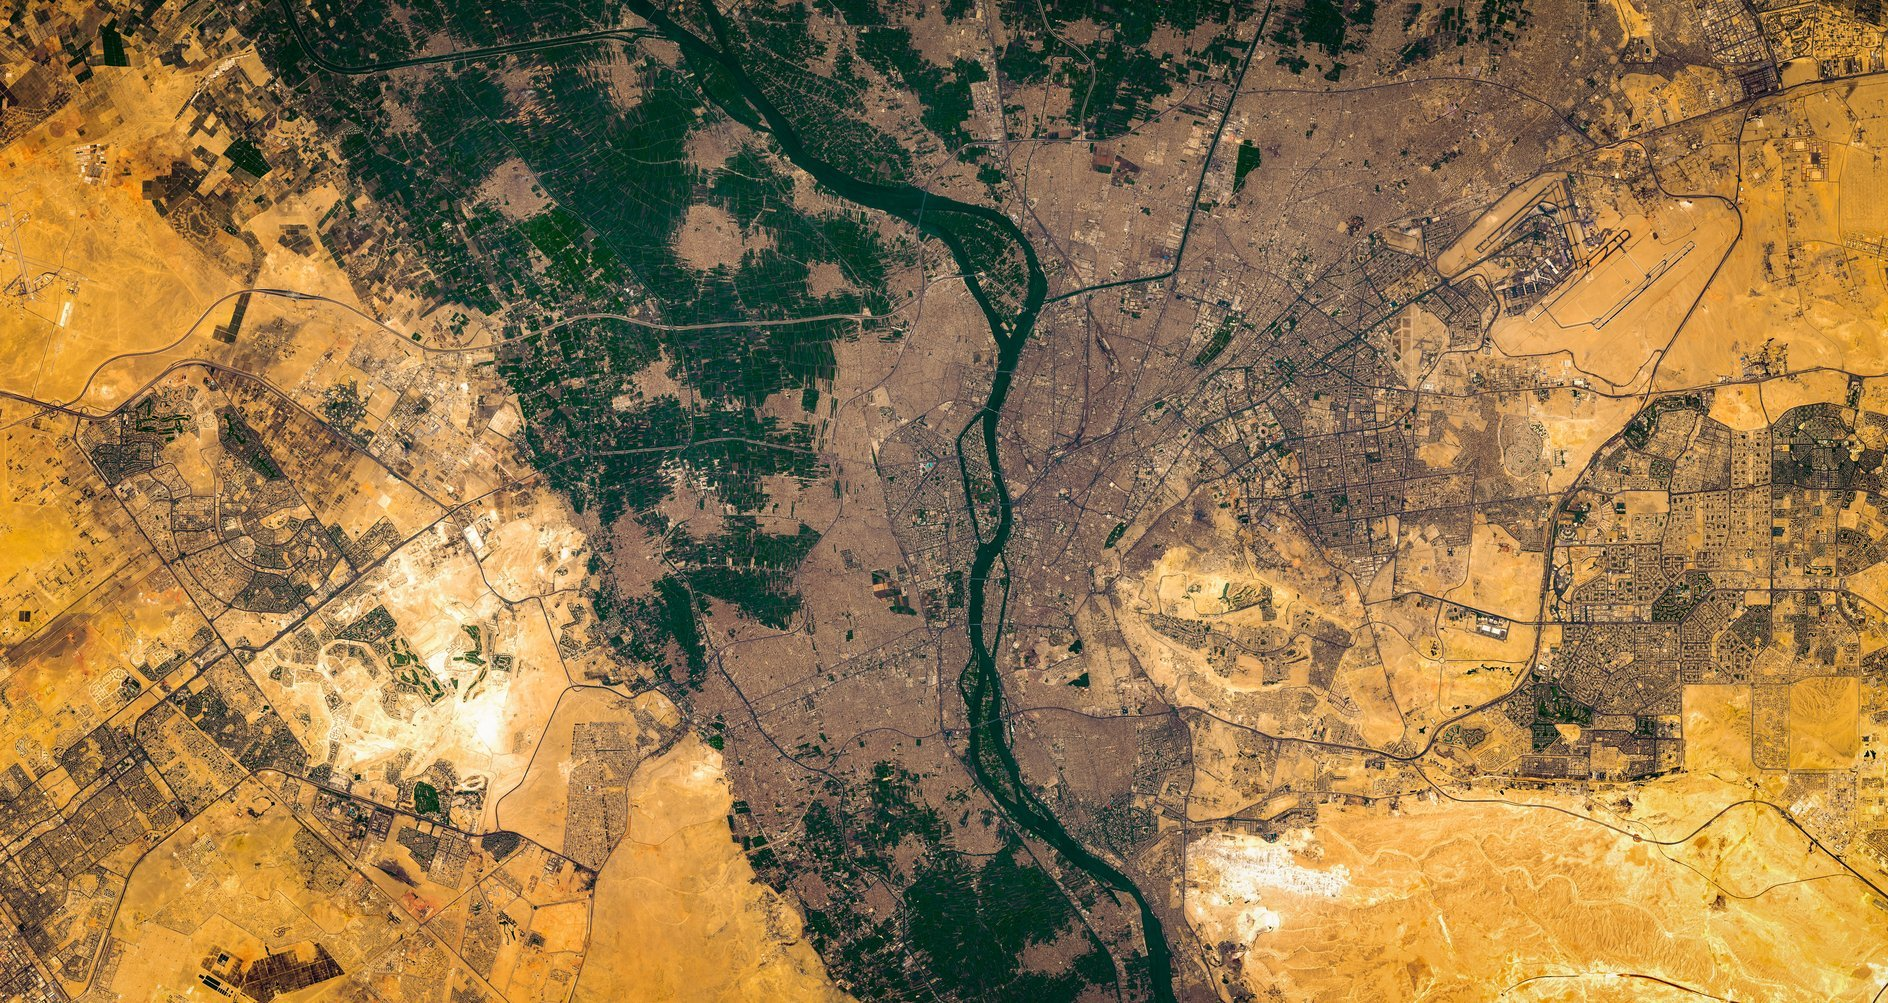 Il Nilo e l'Egitto visti dall'alto